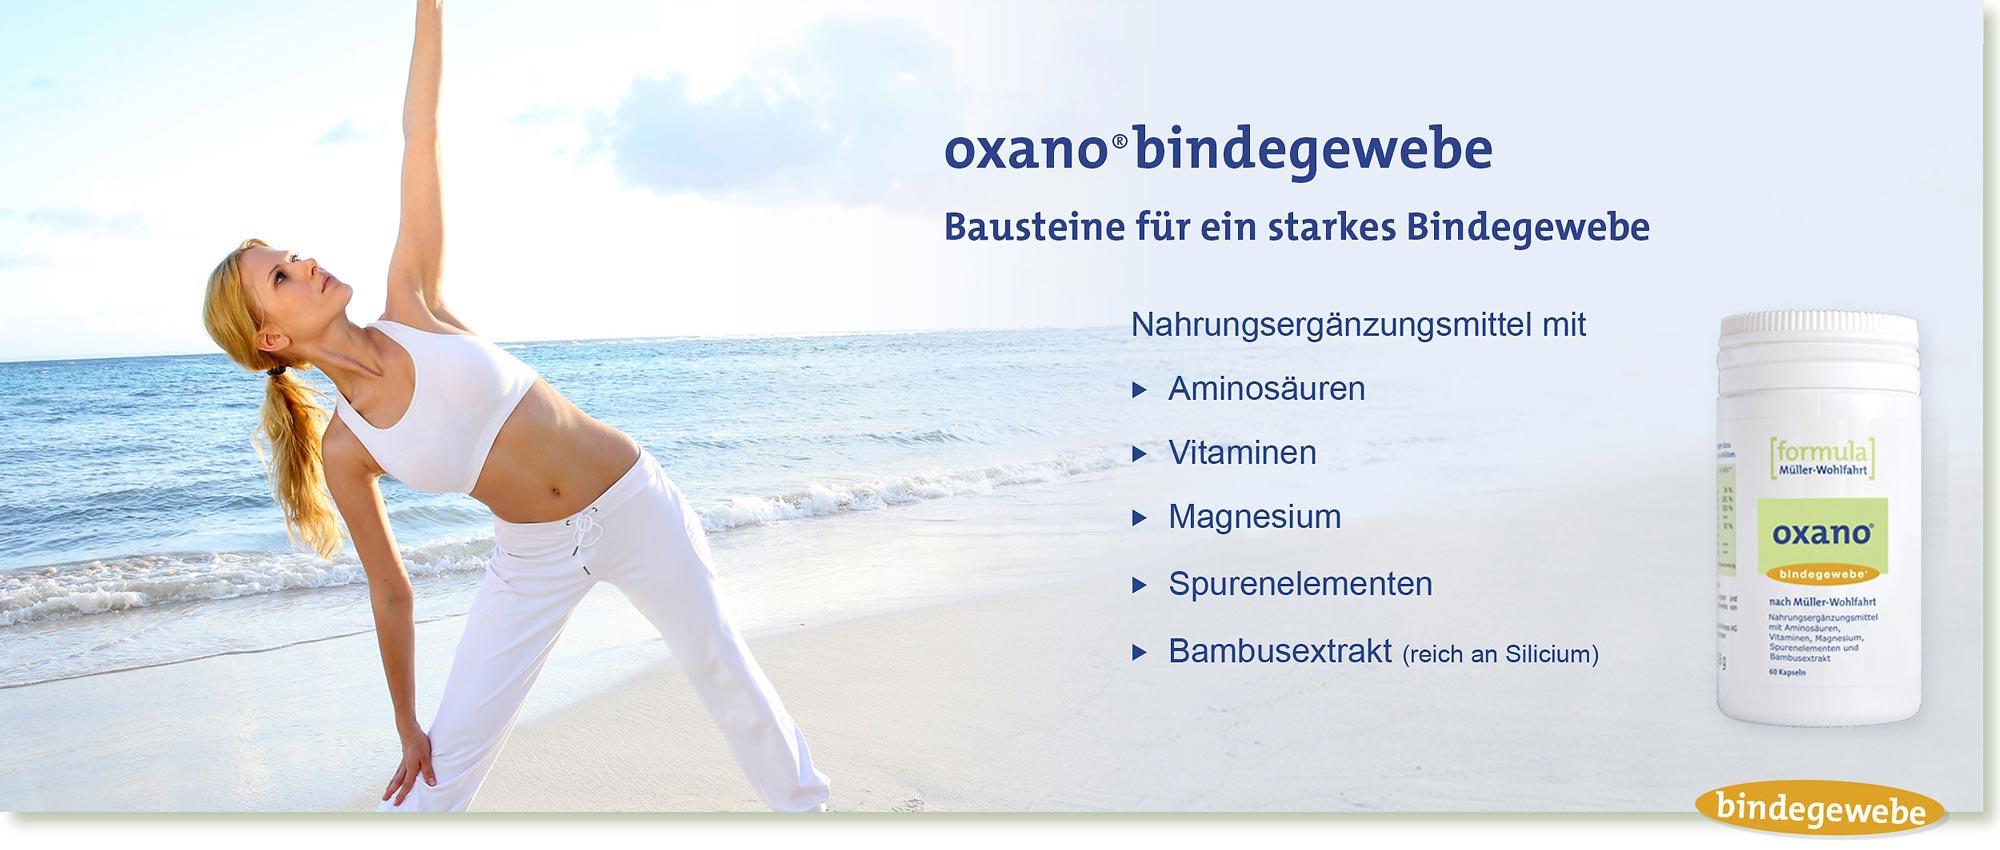 HeadImage | OXANO-Bindegewebe Kapseln nach Müller-Wohlfahrt mit Aminosäuren, Vitaminen, Magnesium, Bamubsextrakt